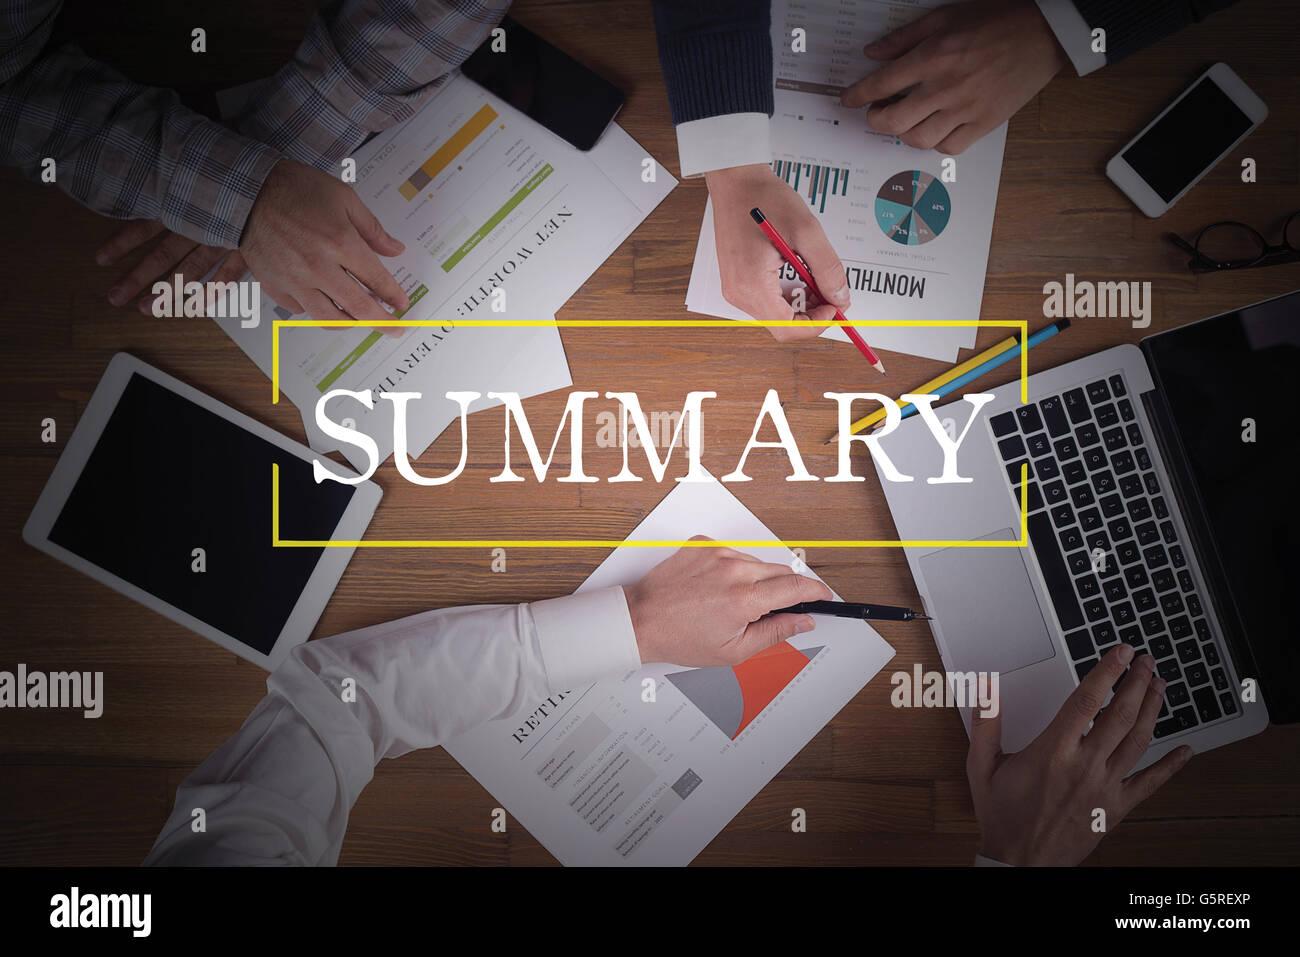 Equipo de Trabajo de la OFICINA DE TRABAJO EN EQUIPO Resumen CONCEPTO DE LLUVIA DE IDEAS Imagen De Stock